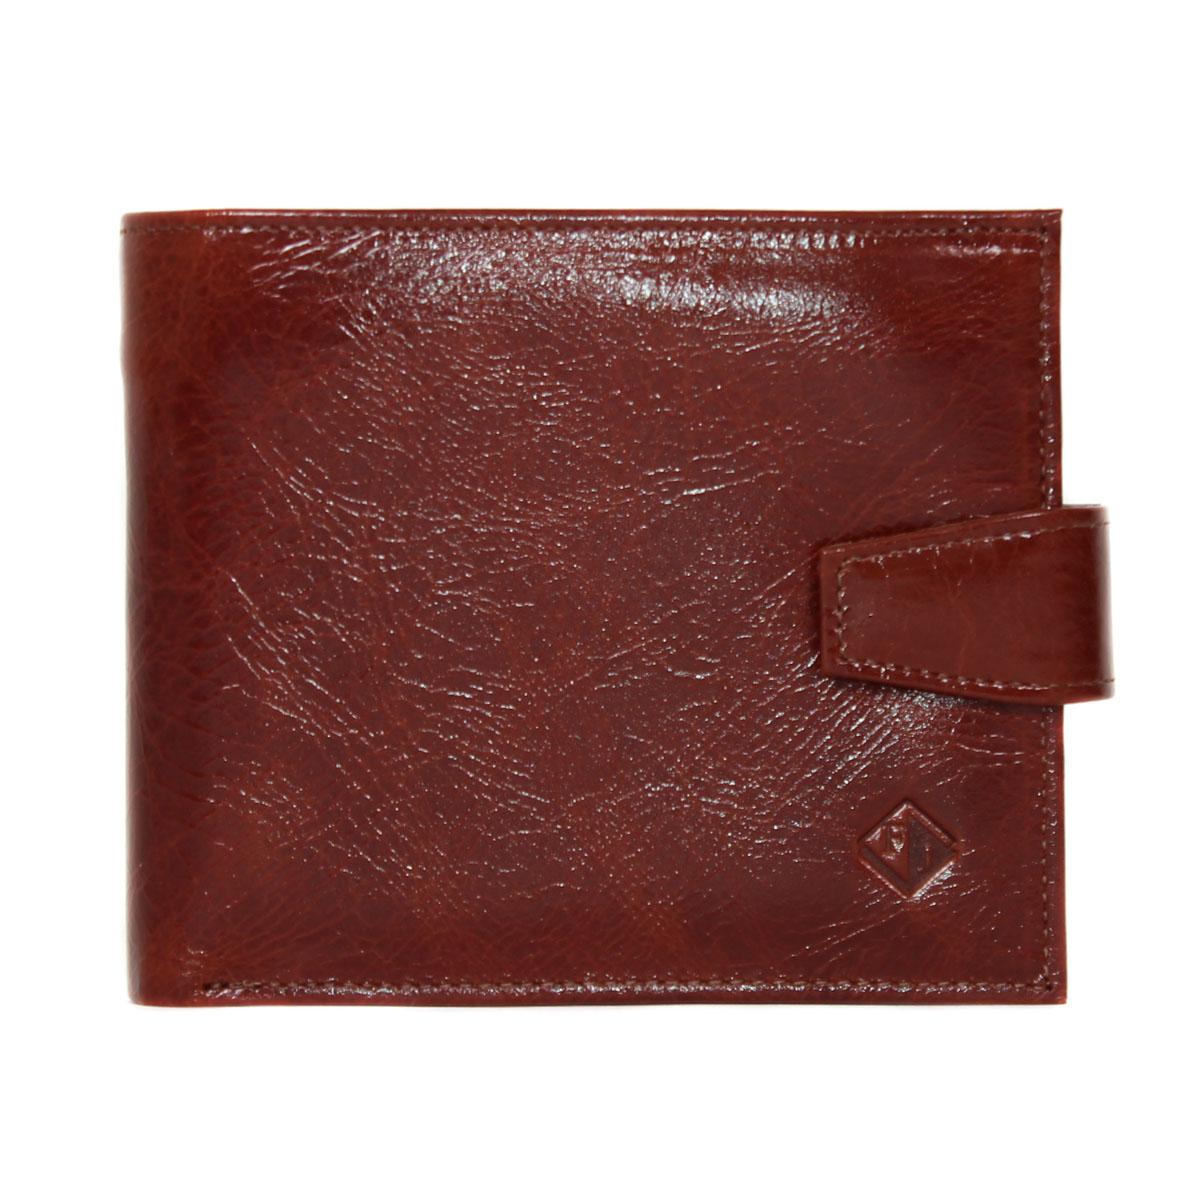 Портмоне мужское Flioraj, цвет: коричневый. 00051125392678Портмоне Flioraj выполнено из натуральной кожи. Внутри расположены отделения для купюр, отделение для фото, кармашки для визиток и банковских карт.